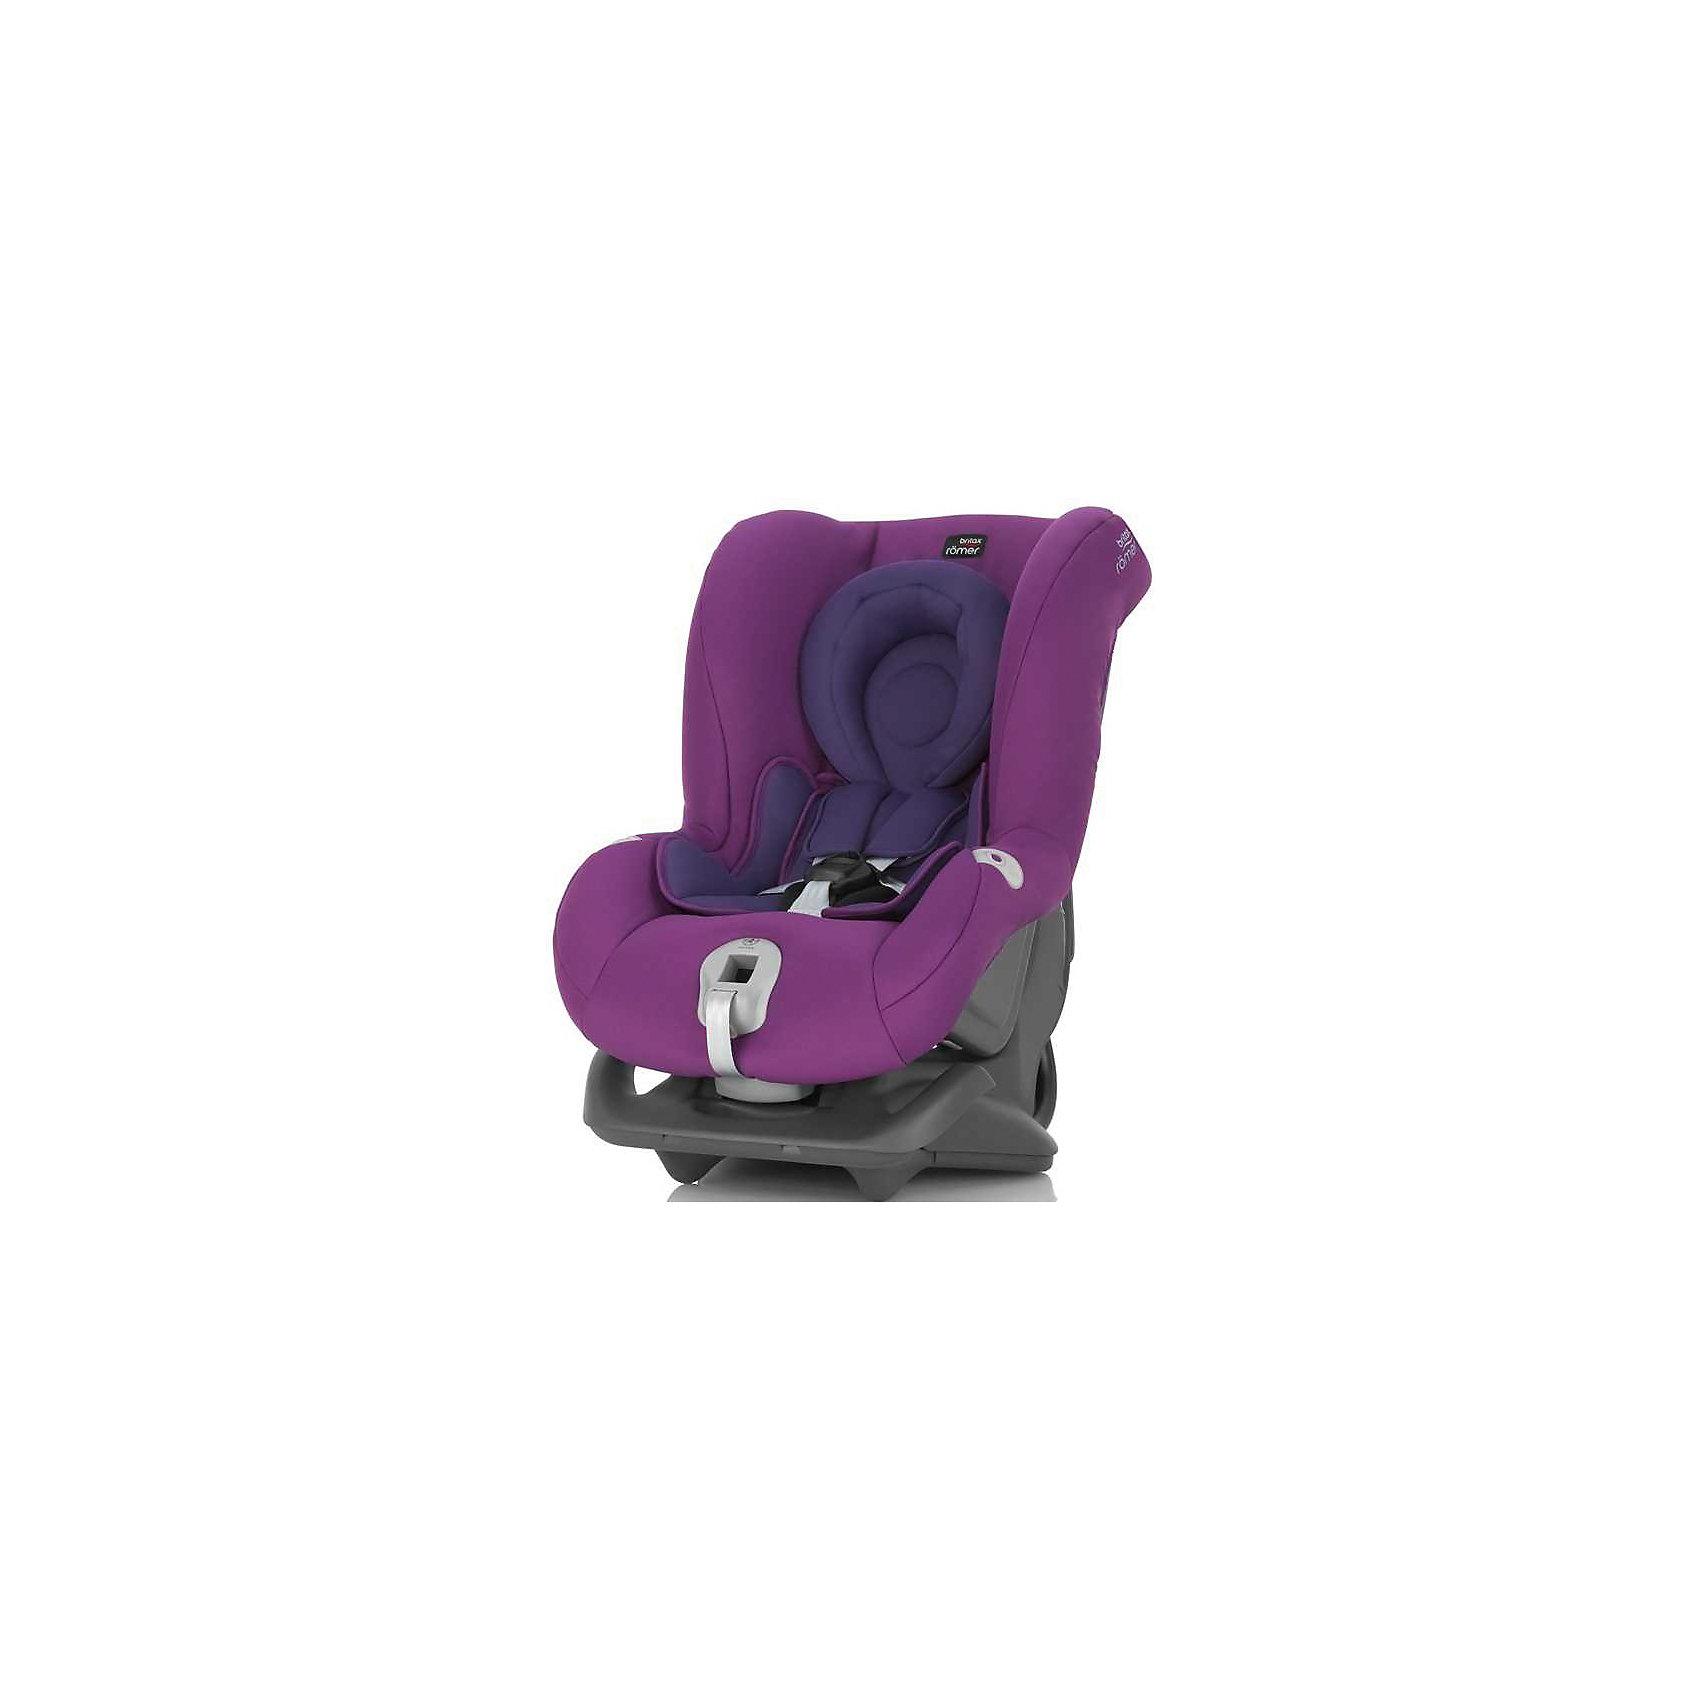 Автокресло Britax Romer FIRST CLASS plus 0-18 кг, Mineral PurpleГруппа 0-1 (до 18 кг)<br>Автокресло FIRST CLASS plus 0-18 кг., Britax R?mer (Бритакс Ромер), Mineral Purple.<br><br>Характеристики:<br><br>• подходит с рождения до 4-х лет, от 0 до 18 кг<br>• для новорожденных есть специальная анатомическая вставка<br>• регулируемые 5-точечные ремни безопасности<br>• легкая регулировка наклона<br>• система Click &amp; safe<br>• дополнительный упор при креплении против хода движения<br>• мягкие накладки на плечи<br>• альтернативный способ установки кресла для коротких штатных ремней автомобиля<br>• воздухопроницаемая ткань<br>• съемный чехол<br>• размеры: 66х45х57 см<br>• вес: 7 кг<br>• цвет: лиловый<br><br>Универсальное автокресло FIRST CLASS plus 0-18 кг., Britax R?mer предназначено для детей с рождения до четырех лет. Для комфорта малыша кресло оборудовано специальной анатомической вкладкой, обеспечивающей правильное лежачее положение. Для детей постарше кресло оснащено возможностью регулировки наклона. Пятиточечные ремни безопасности имеют плечевые накладки и обеспечат дополнительную безопасность и распределение удара при столкновении. Система Click &amp; safe оповестит вас о правильном натяжении ремней. Автокресло подходит для любых автомобилей благодаря возможности альтернативной установки (предусмотрено для коротких штатных ремней). Материал обивки воздухопроницаемый, не вызывает раздражения на коже малыша. Чехол кресла легко снимается. Это кресло отлично подойдет даже для дальних путешествий!<br><br>Автокресло FIRST CLASS plus 0-18 кг., Britax R?mer (Бритакс Ромер), Mineral Purple вы можете купить в нашем интернет-магазине.<br><br>Ширина мм: 450<br>Глубина мм: 590<br>Высота мм: 640<br>Вес г: 8400<br>Цвет: сиреневый<br>Возраст от месяцев: 0<br>Возраст до месяцев: 48<br>Пол: Женский<br>Возраст: Детский<br>SKU: 4722135